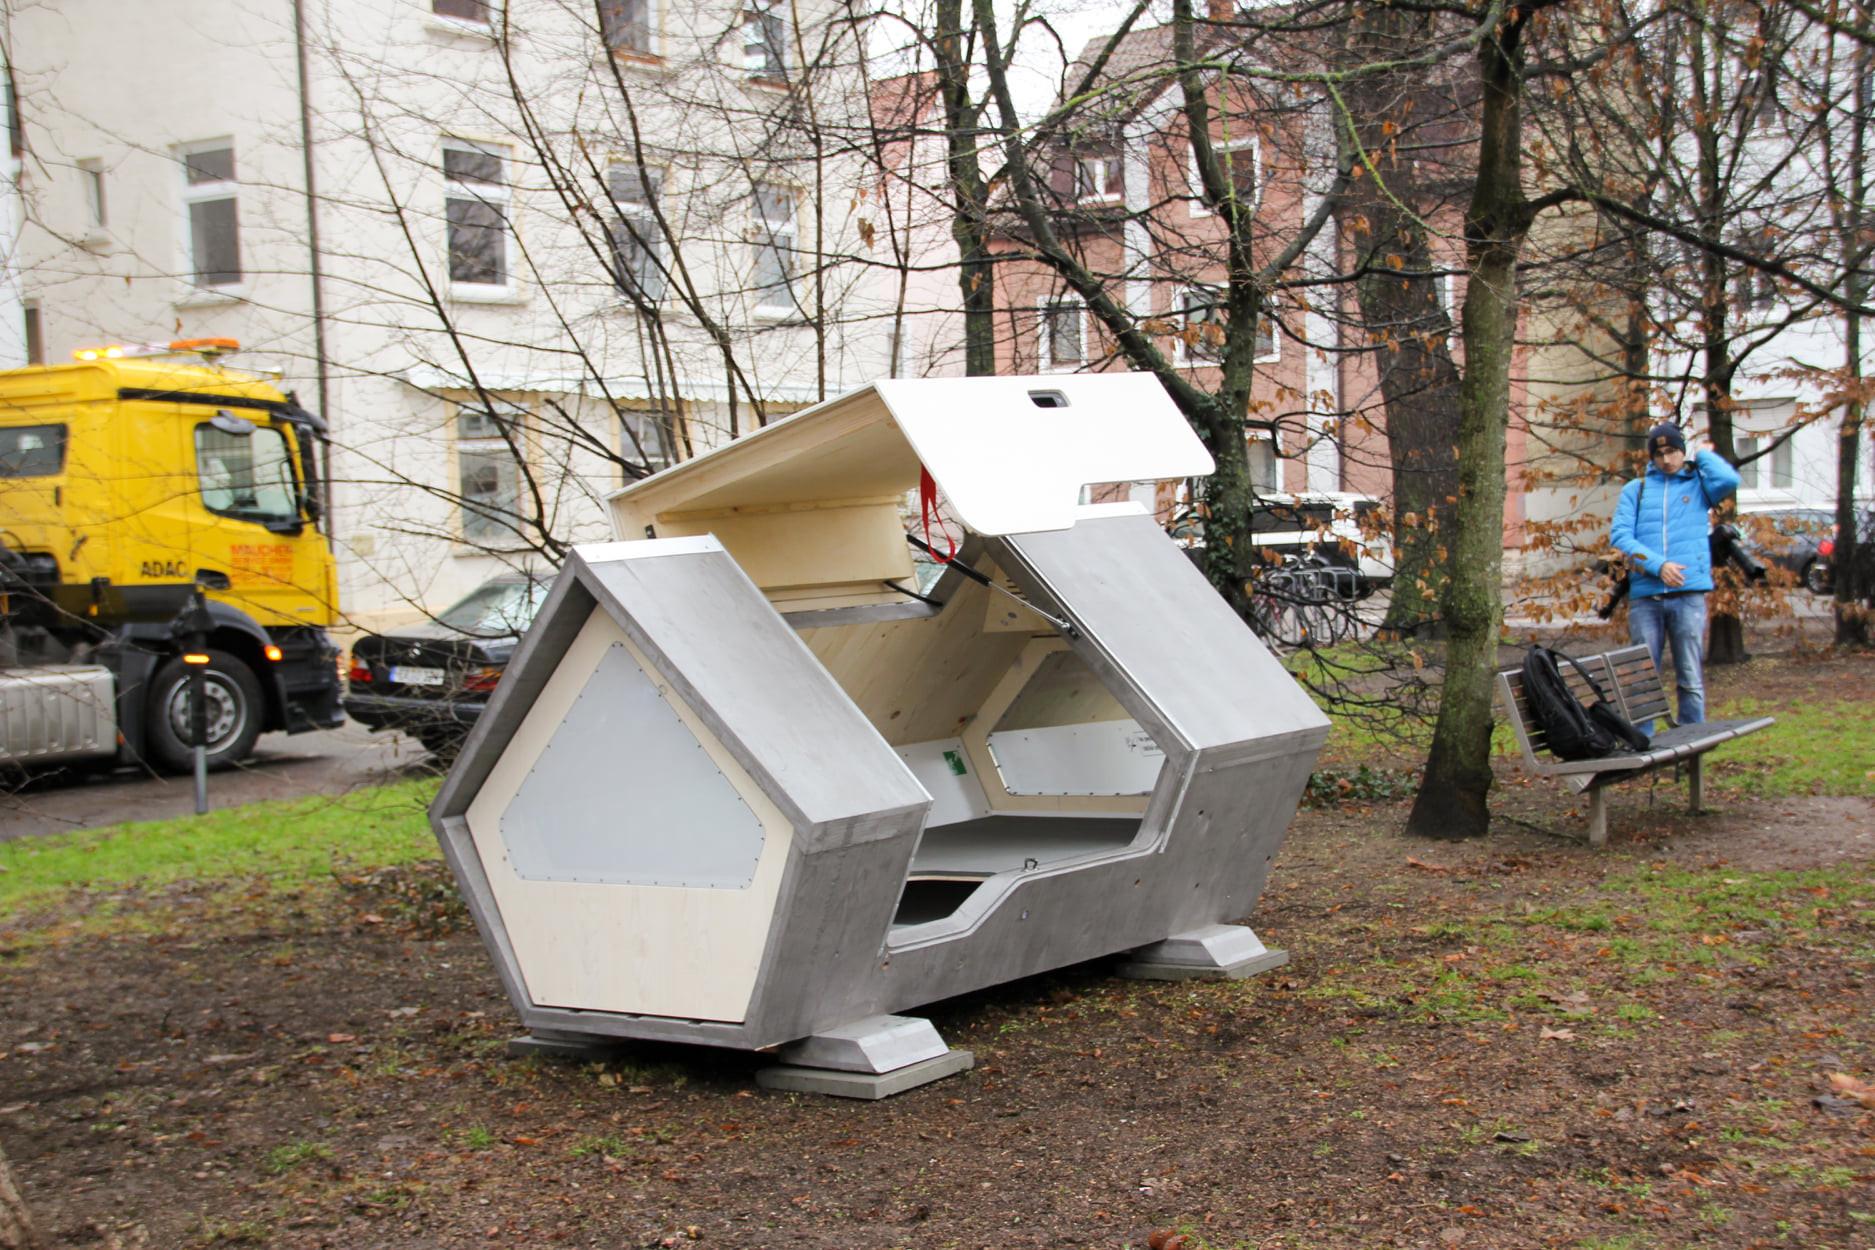 ▲▼ 烏姆市為遊民提供膠囊艙體 。(圖/翻攝自Facebook/ulmernest)